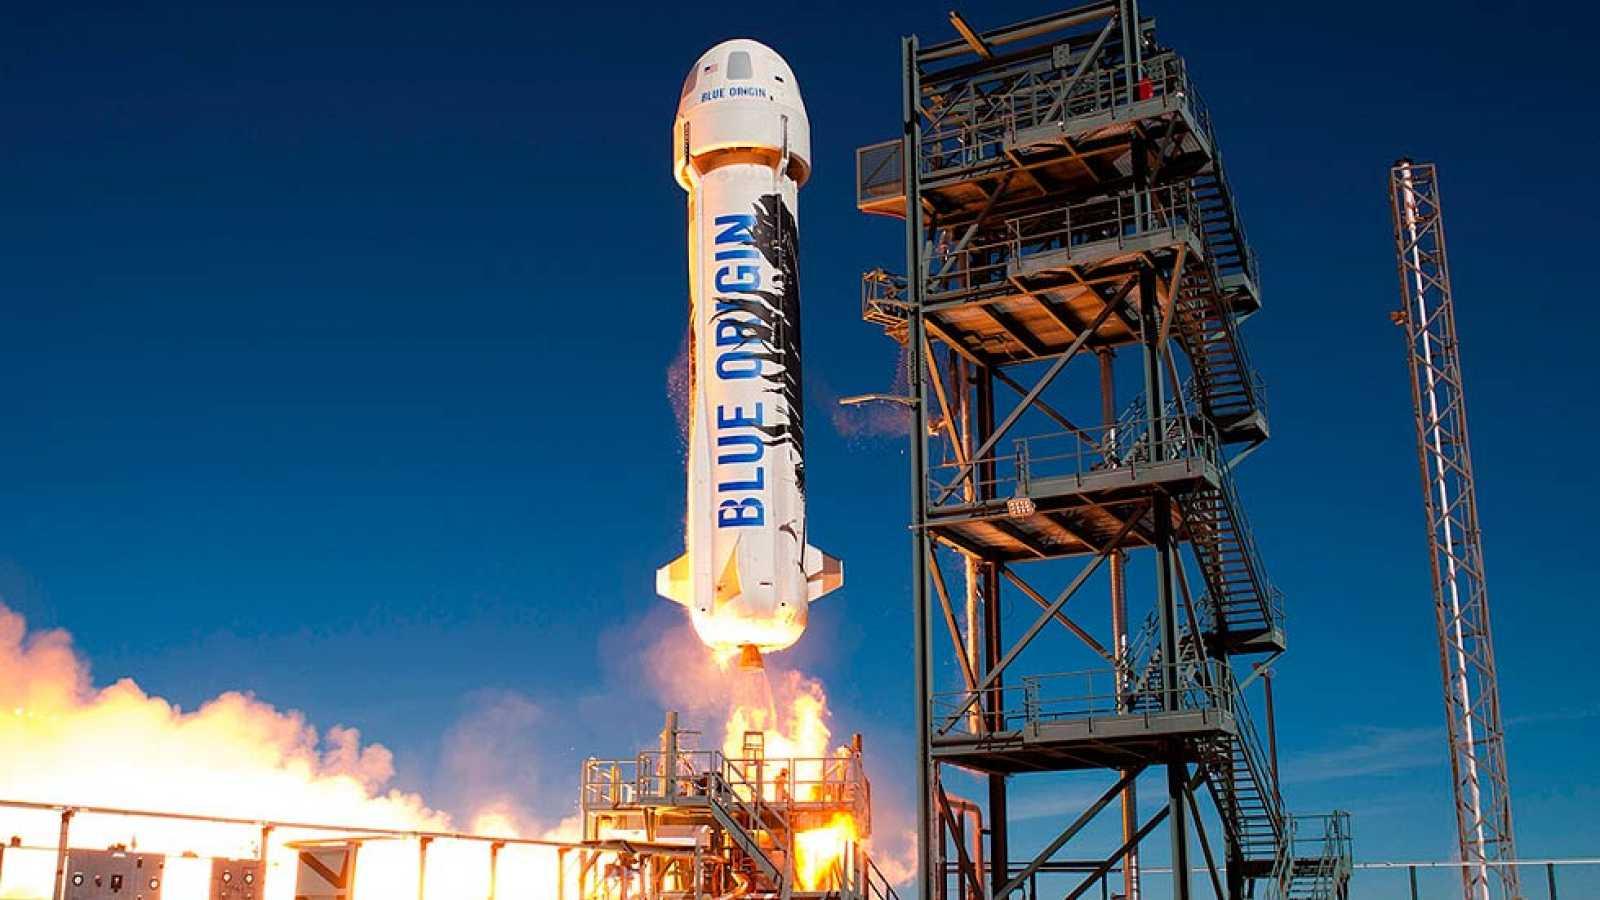 Blue Origin lanza y recupera un cohete suborbital en su avance hacia los propulsores reutilizables